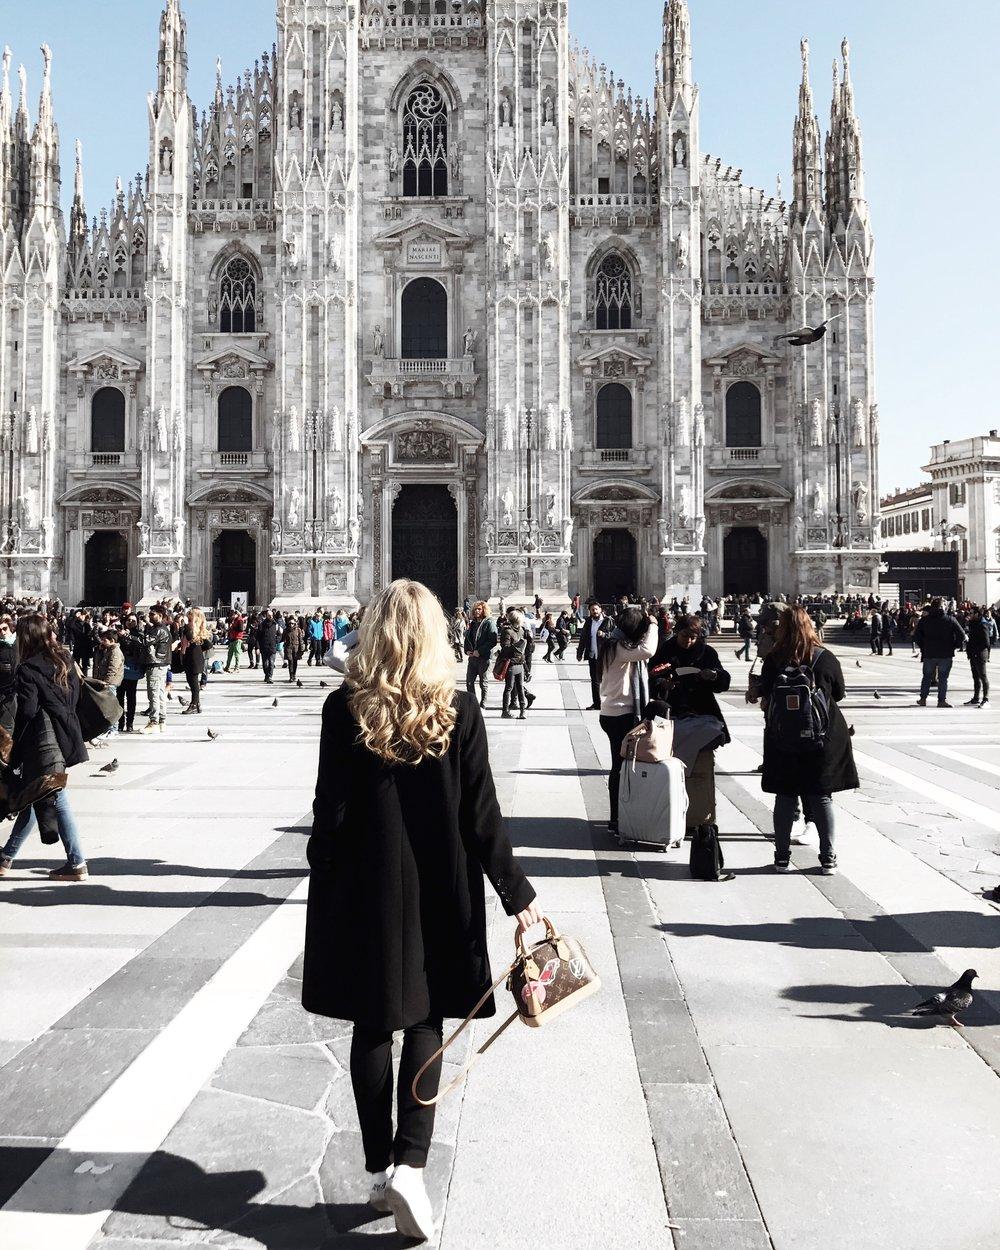 Duomo di Milano            Piazza del Duomo